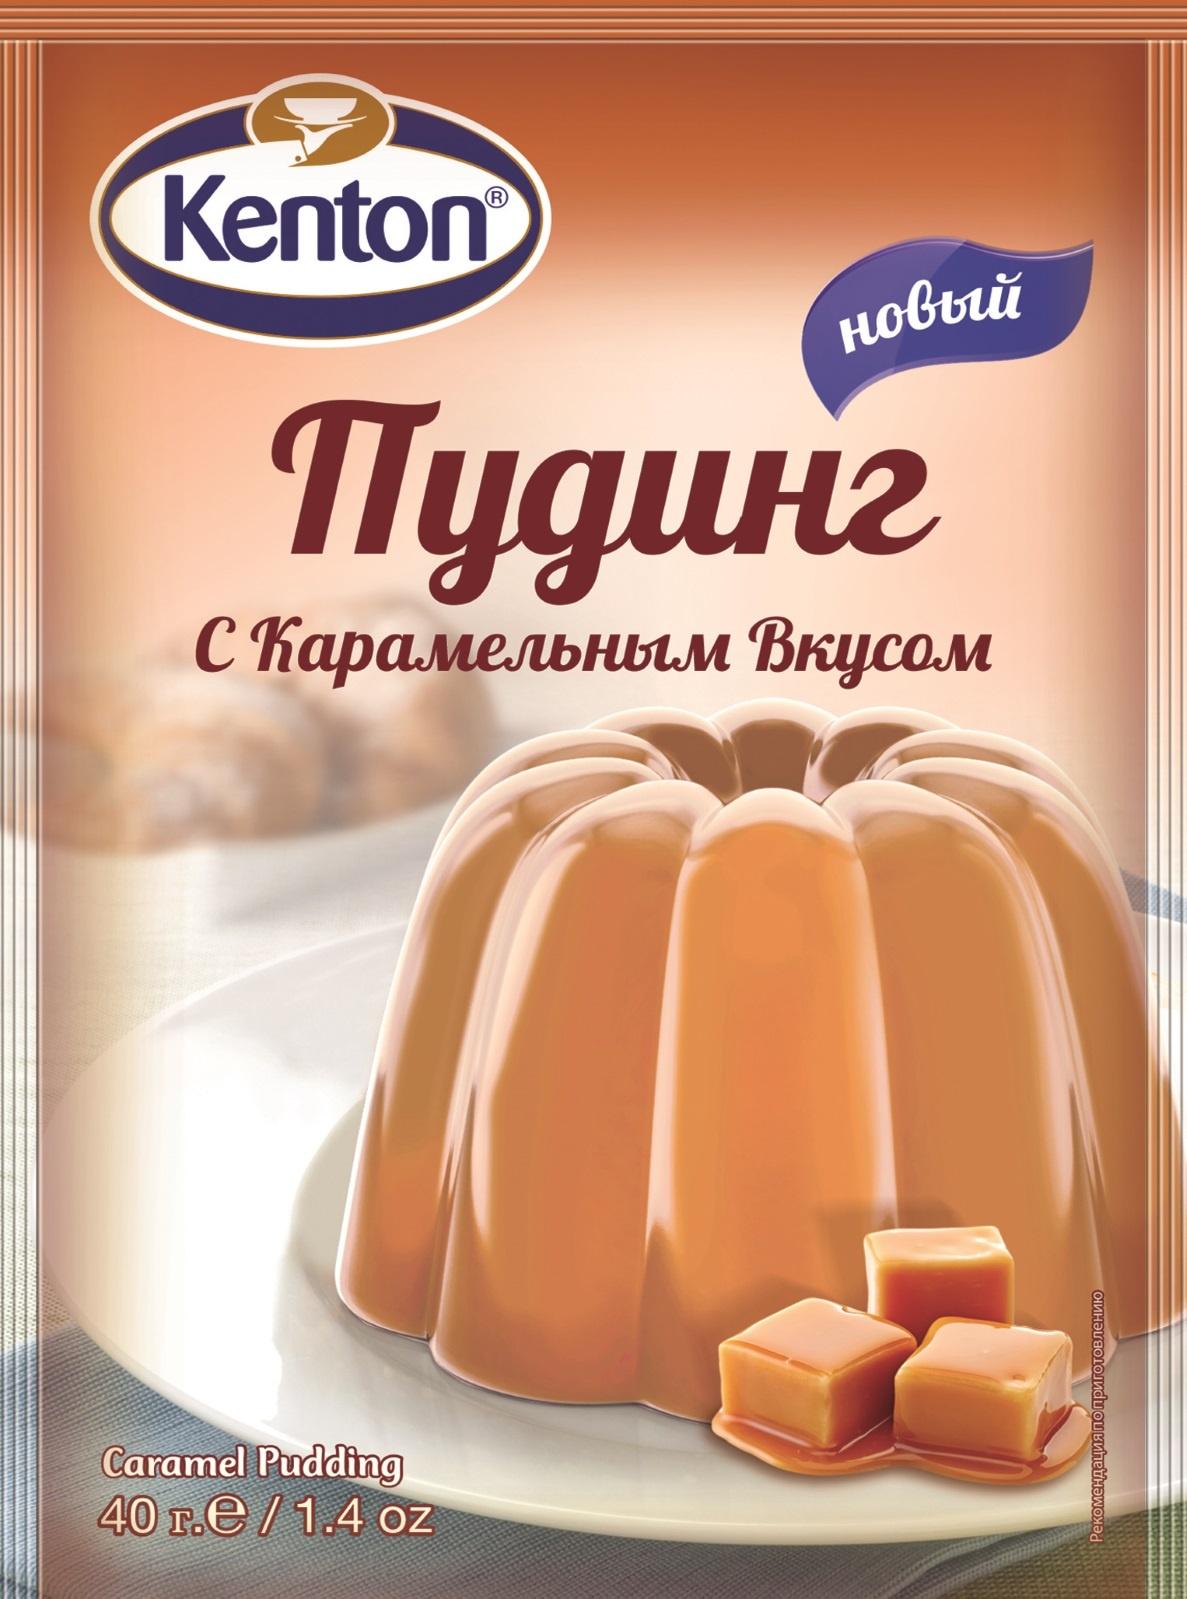 Смесь для выпечки KENTON пудинг с карамельным вкусом, 40 смесь для выпечки почти печенье 40 700